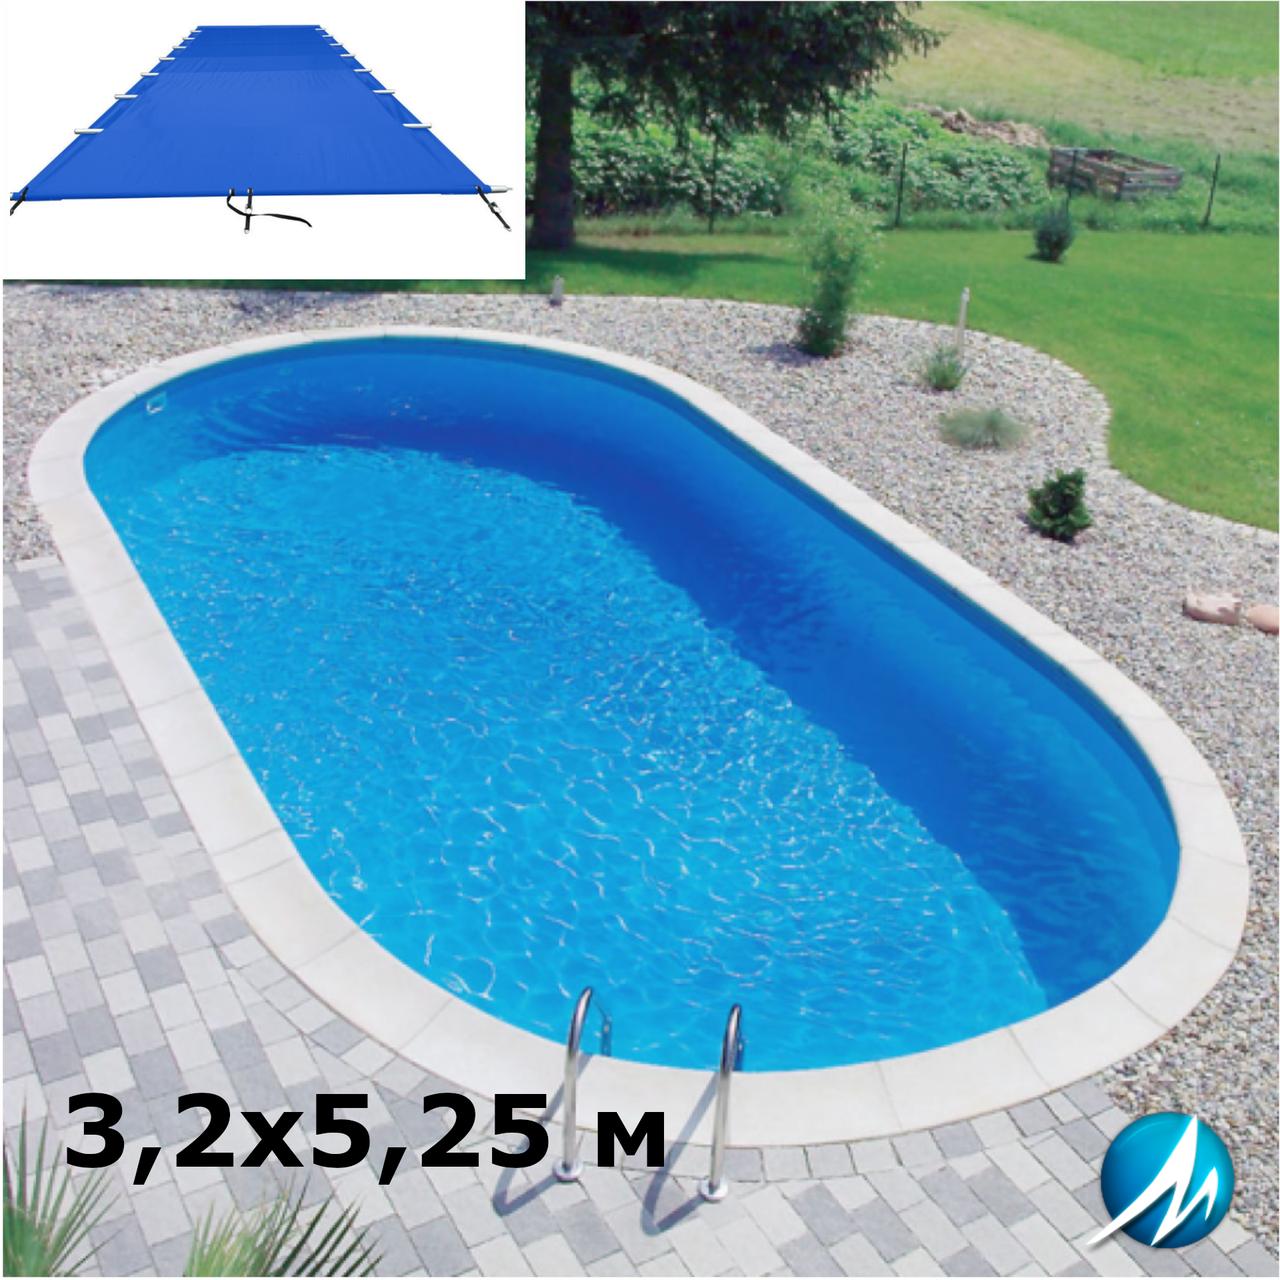 Поливиниловое накрытие для сборного овального бассейна 3,2х5,25 м